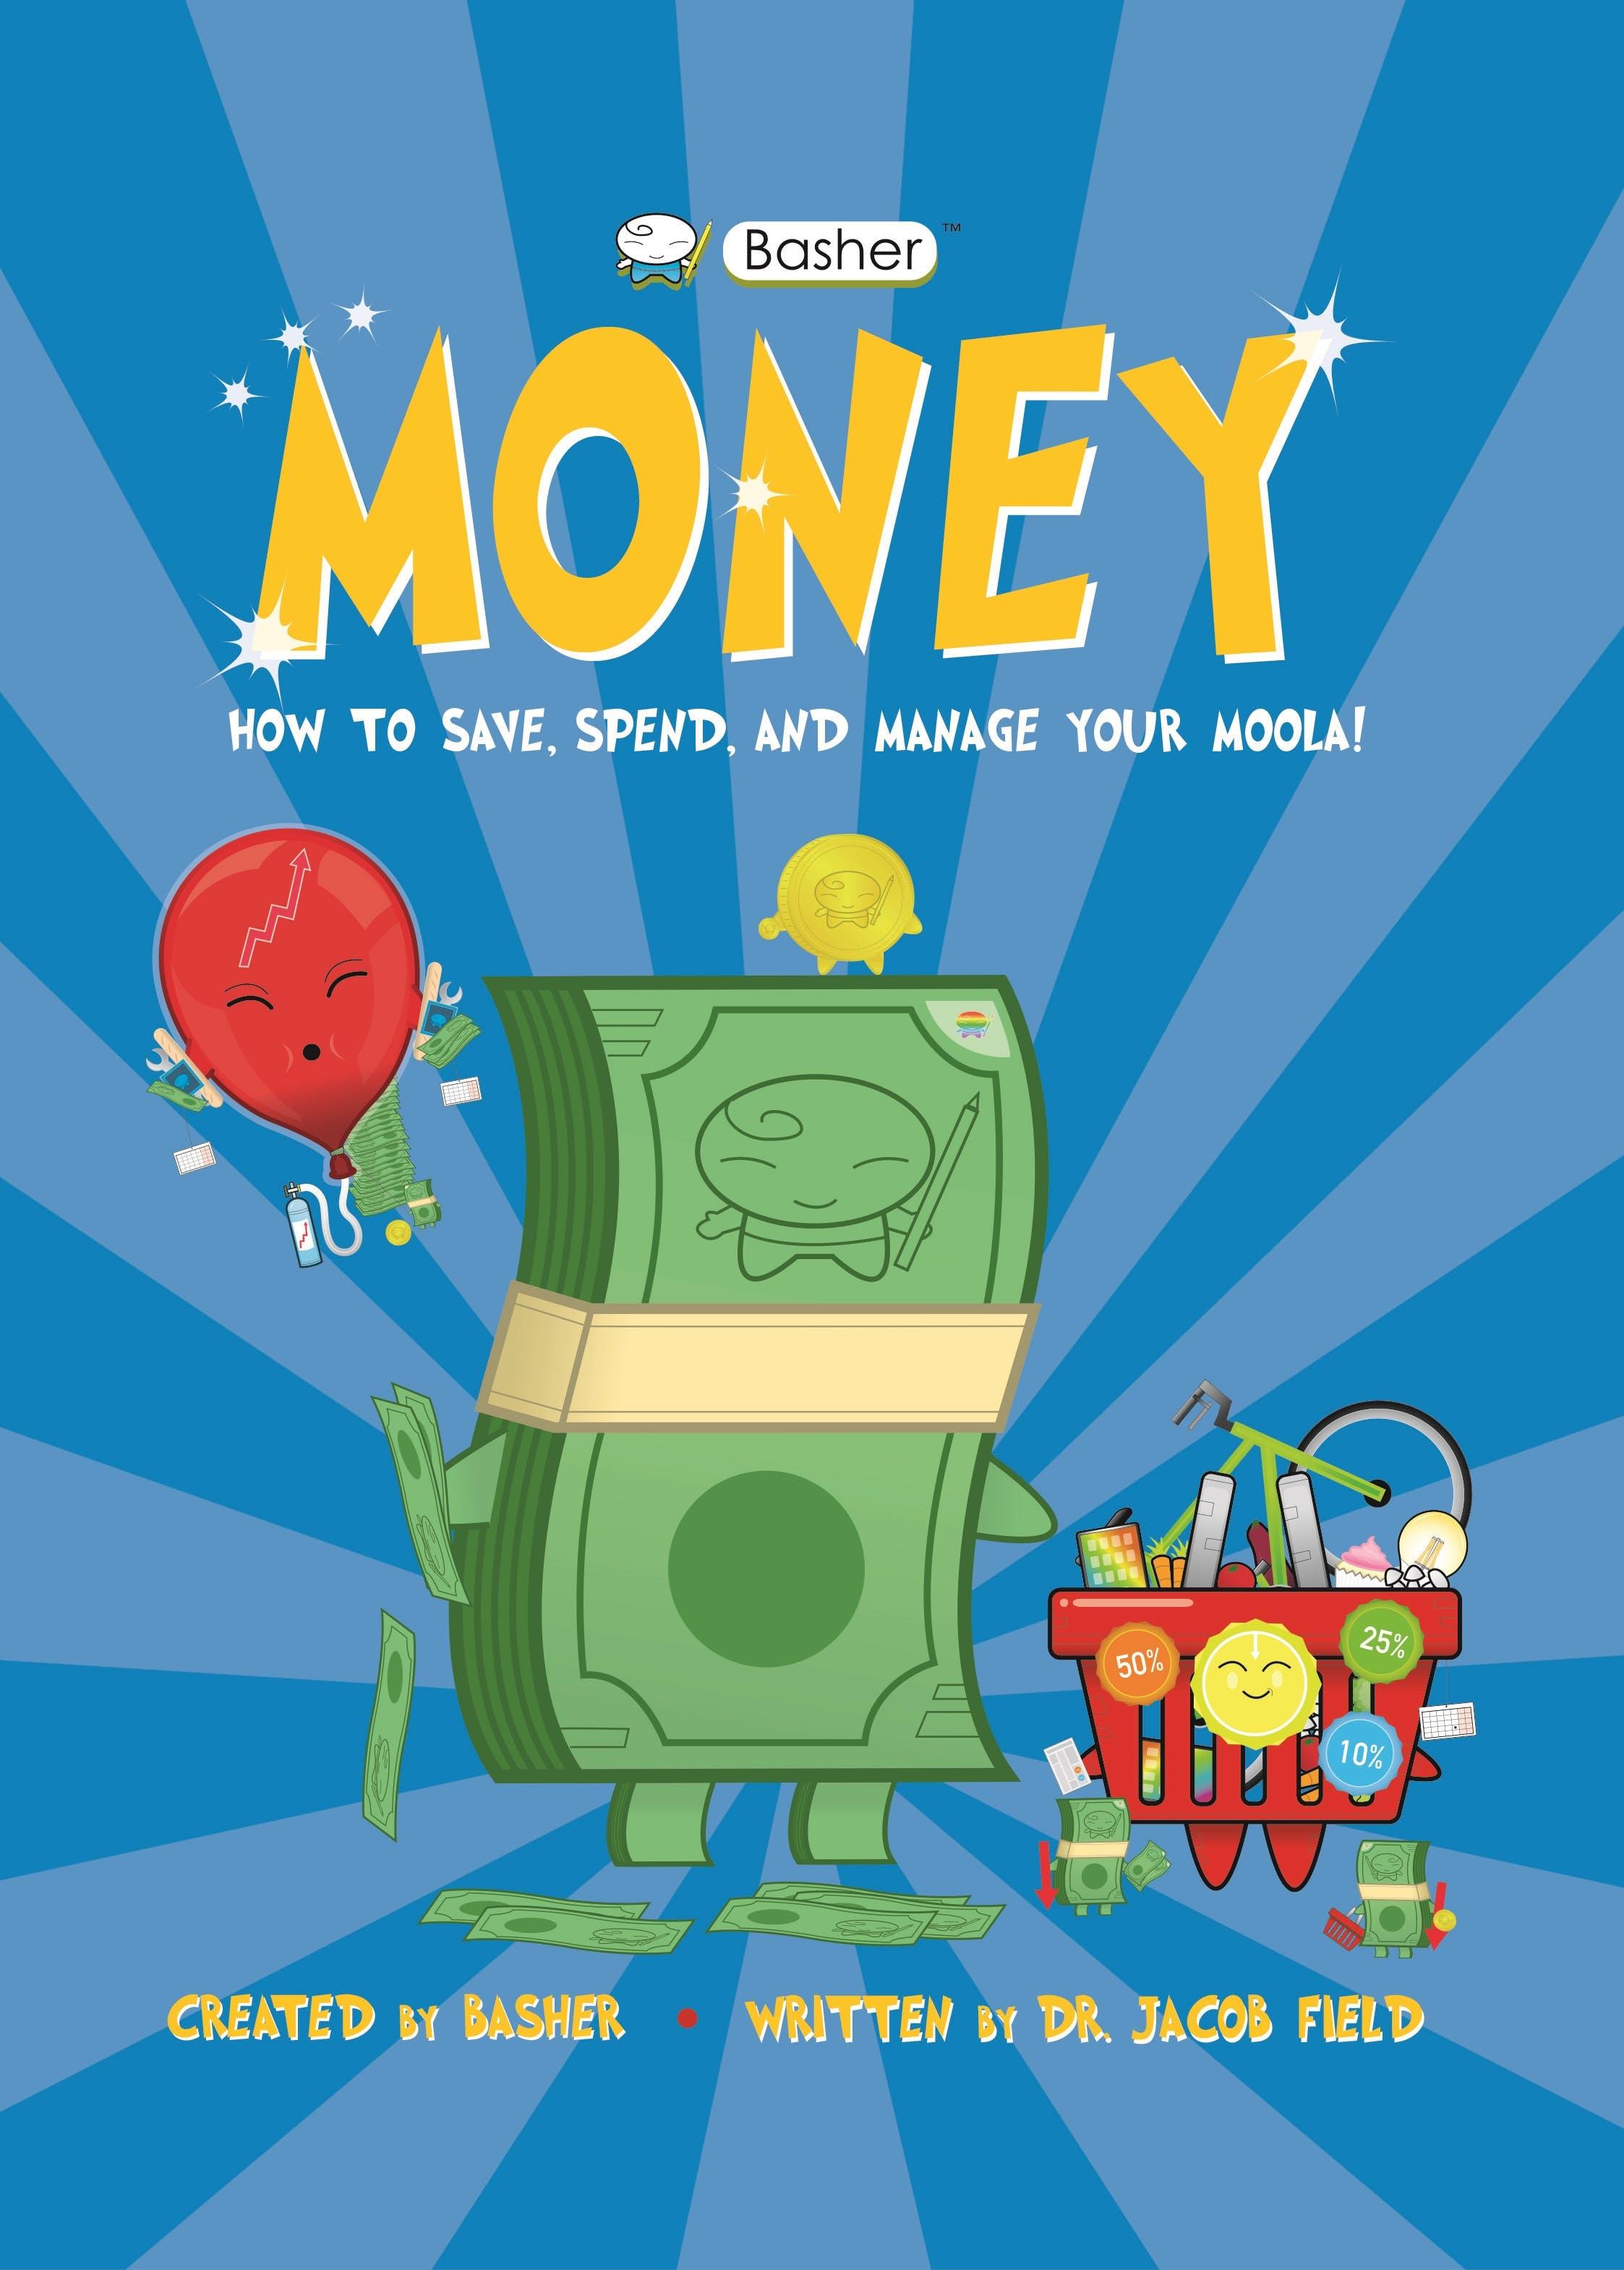 Image of Basher Money